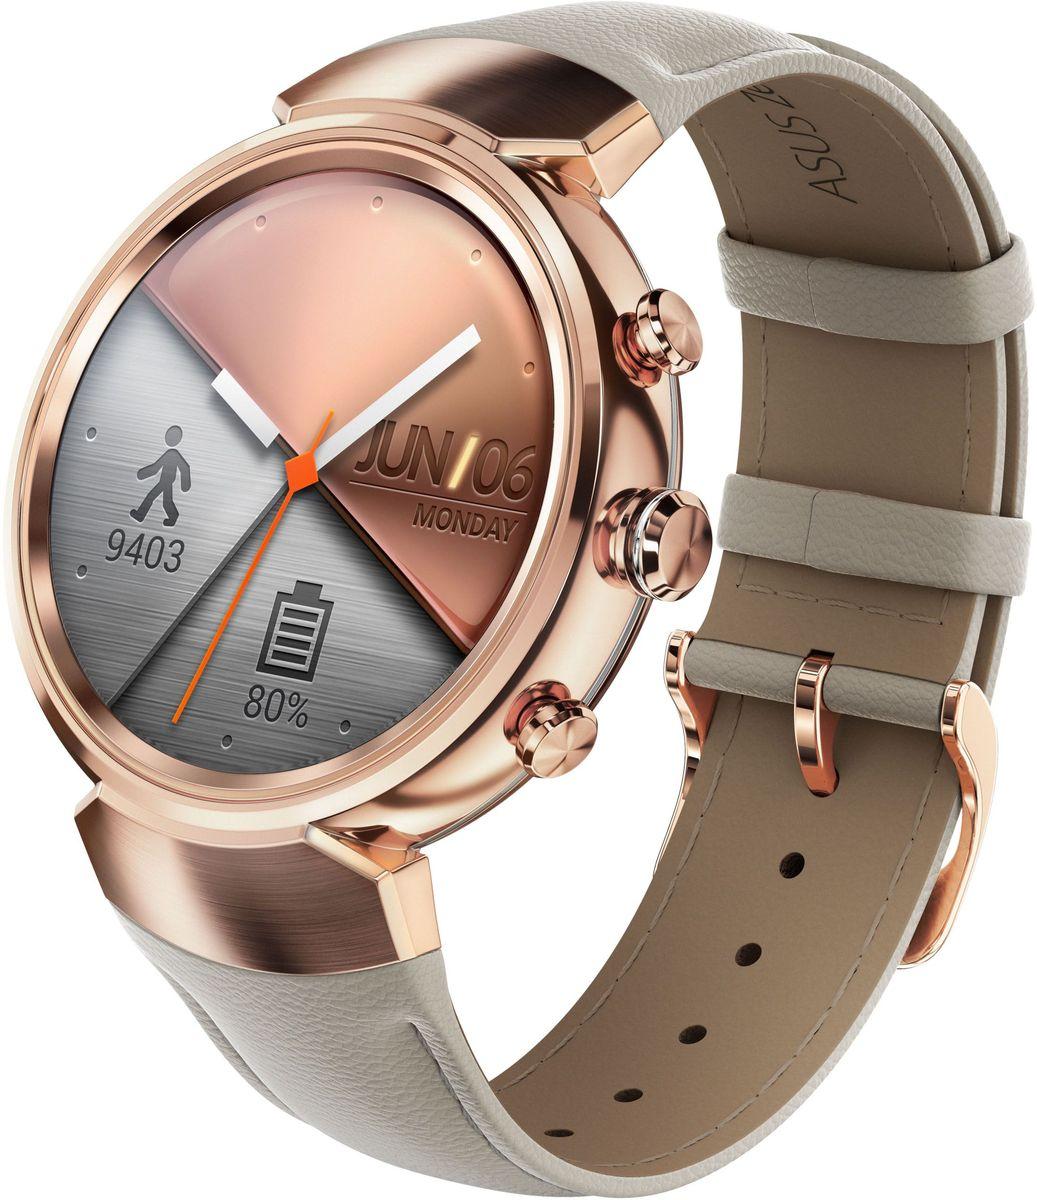 ASUS ZenWatch 3 WI503Q, Rose Gold смарт-часыWI503Q-3LBGE0005ASUS ZenWatch 3 - это современное цифровое устройство, выполненное в соответствии с давними традициями часового искусства из высококачественных материалов и с вниманием к каждой детали. Эти часы умеют делать гораздо больше, чем просто показывать время, а благодаря широким возможностям по персонализации их интерфейса вы легко можете настроить их по своему вкусу. Длительное время автономной работы и технология быстрой подзарядки аккумулятора делают ASUS ZenWatch 3 по-настоящему мобильным устройством, которое всегда будет готово к работе. Своим внешним видом ASUS ZenWatch 3 ближе к традиционным часам, чем к современным цифровым гаджетам. Их стильный дизайн вдохновлен образом солнечного затмения, а широчайшая функциональность реализована с безупречным мастерством. Корпус часов ZenWatch 3 изготовлен из ювелирной нержавеющей стали марки 316L, которая наделяет их не только превосходным внешним видом, но и долговечностью, ведь ее прочность на 82% выше по...